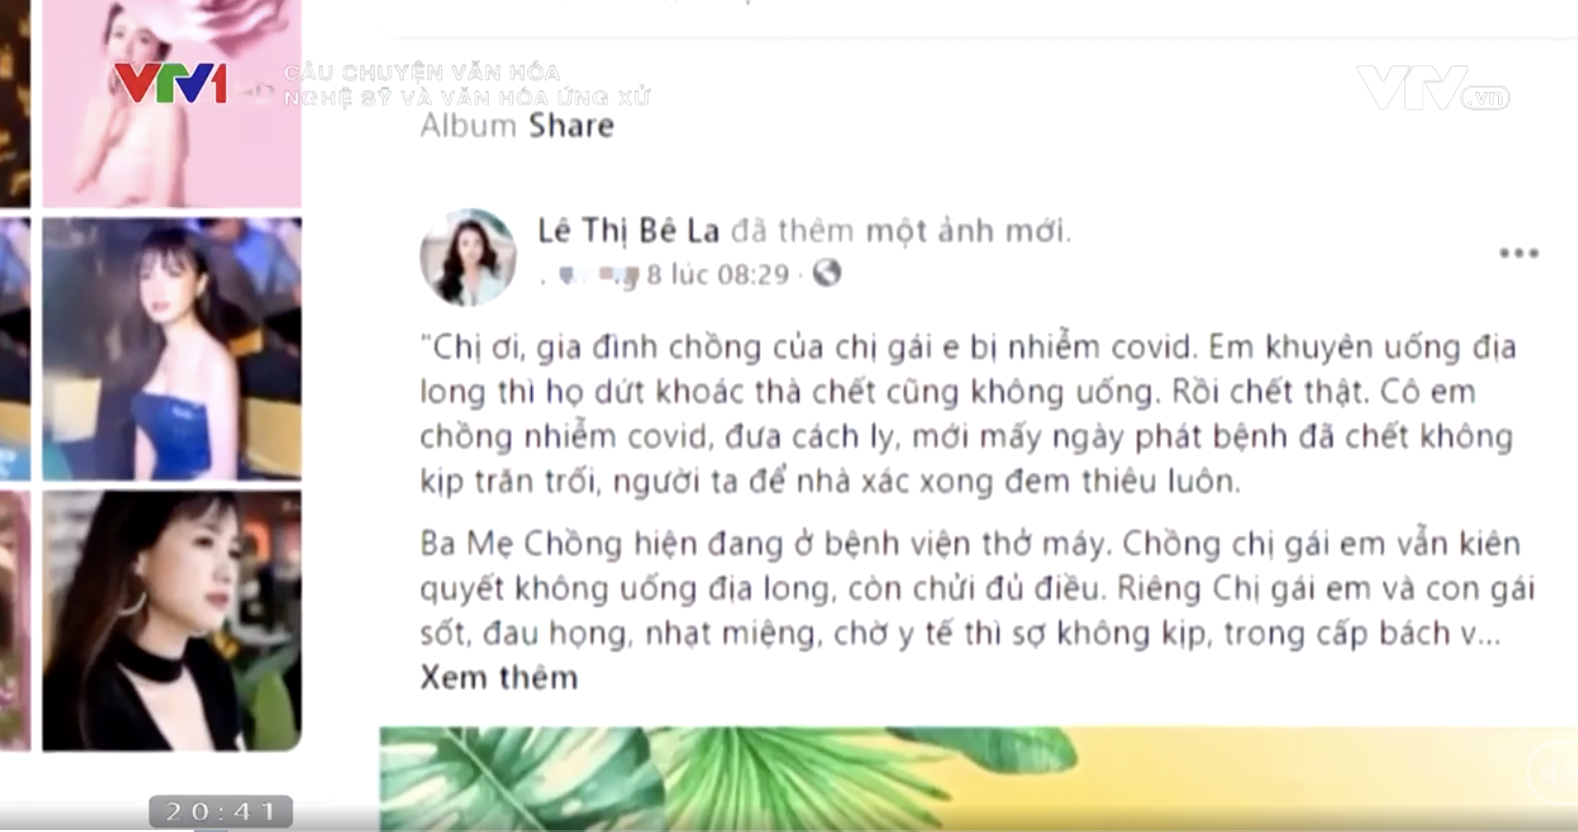 NS Hoài Linh, Thuỷ Tiên và loạt sao Vbiz bị VTV gọi tên trong phóng sự Nghệ sỹ và văn hóa ứng xử, để ngỏ chuyện cấm sóng - Ảnh 2.